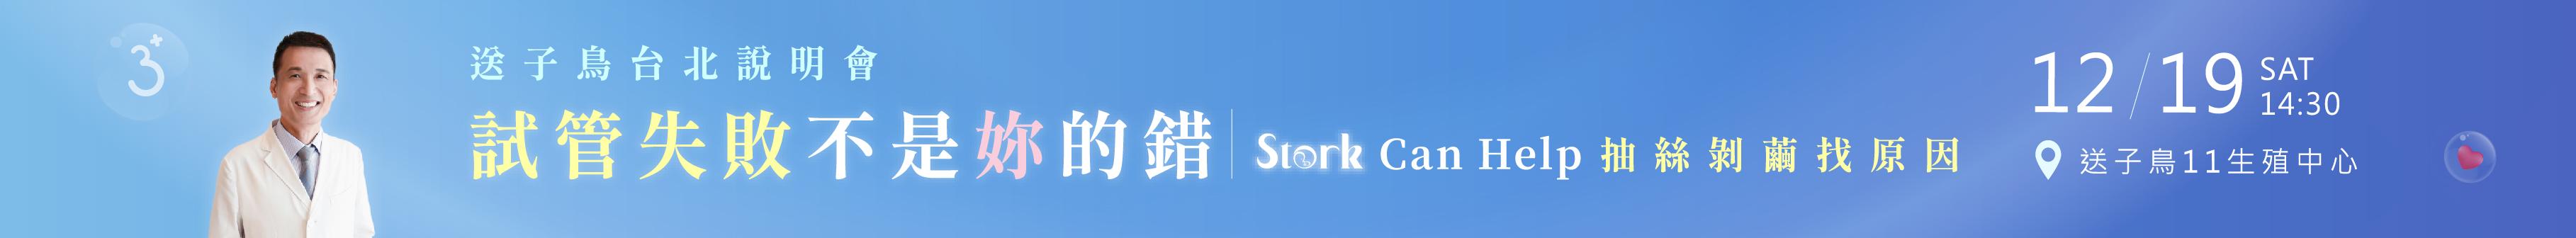 12/19 試管失敗不是妳的錯,Stork can help